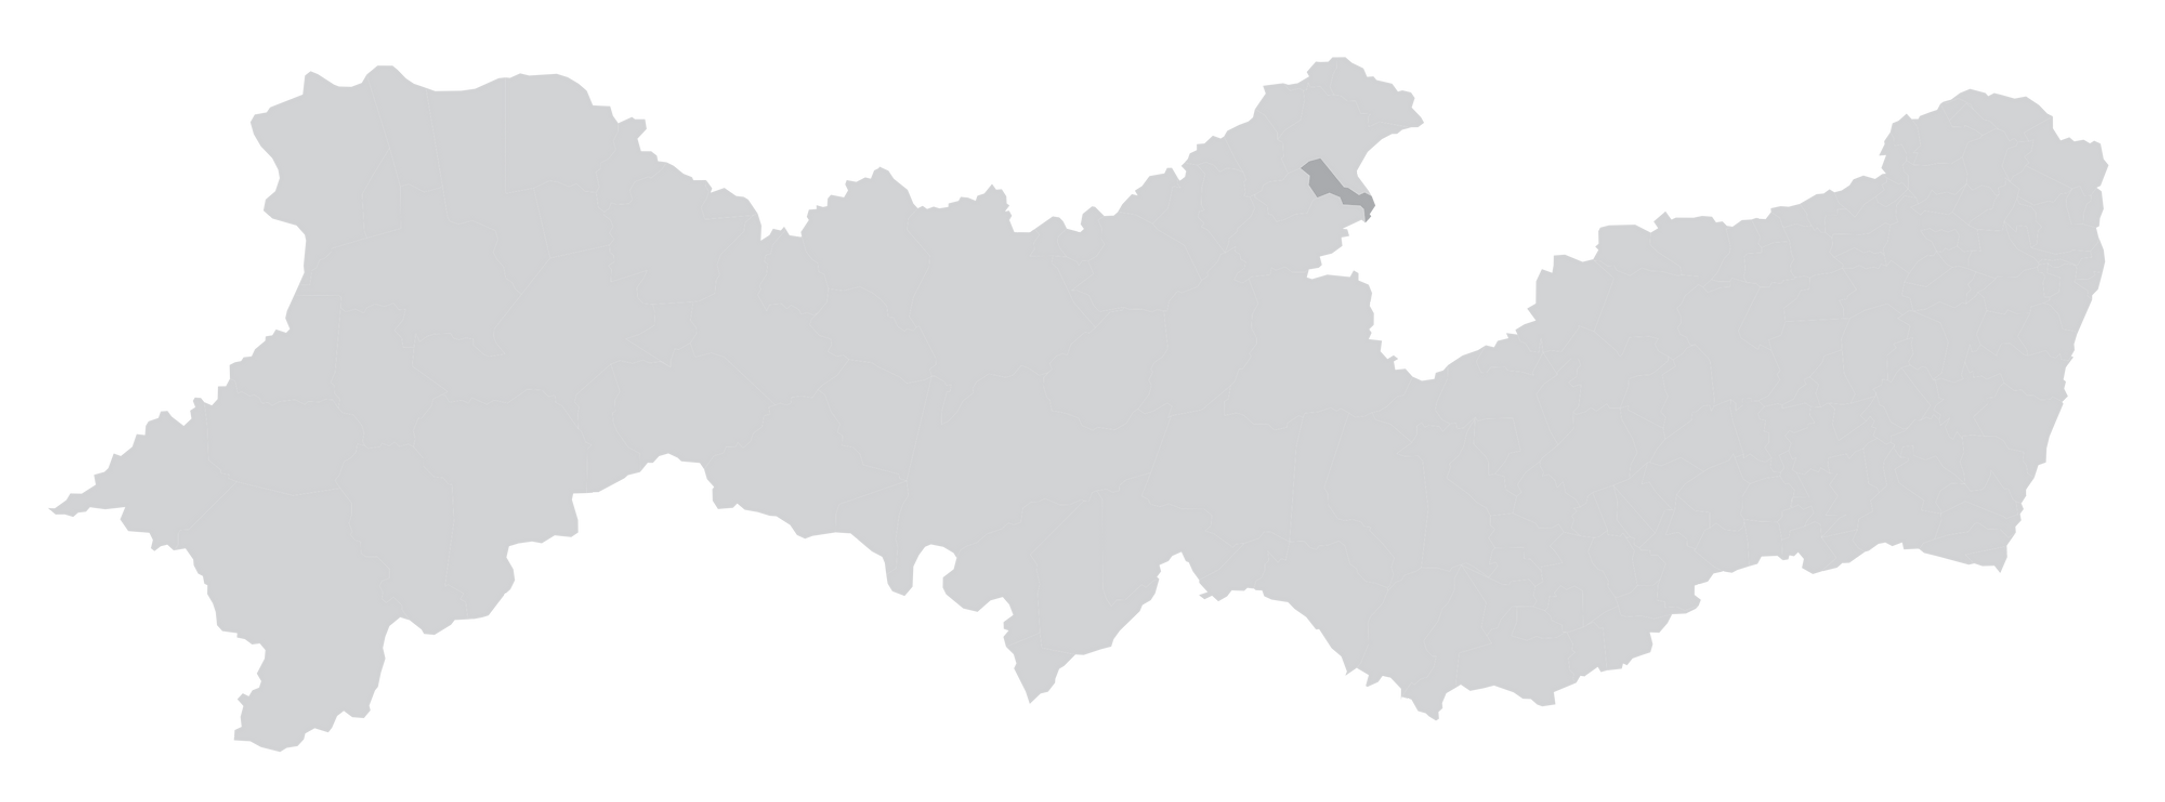 Mapa pernambuco - Tuparetama.png